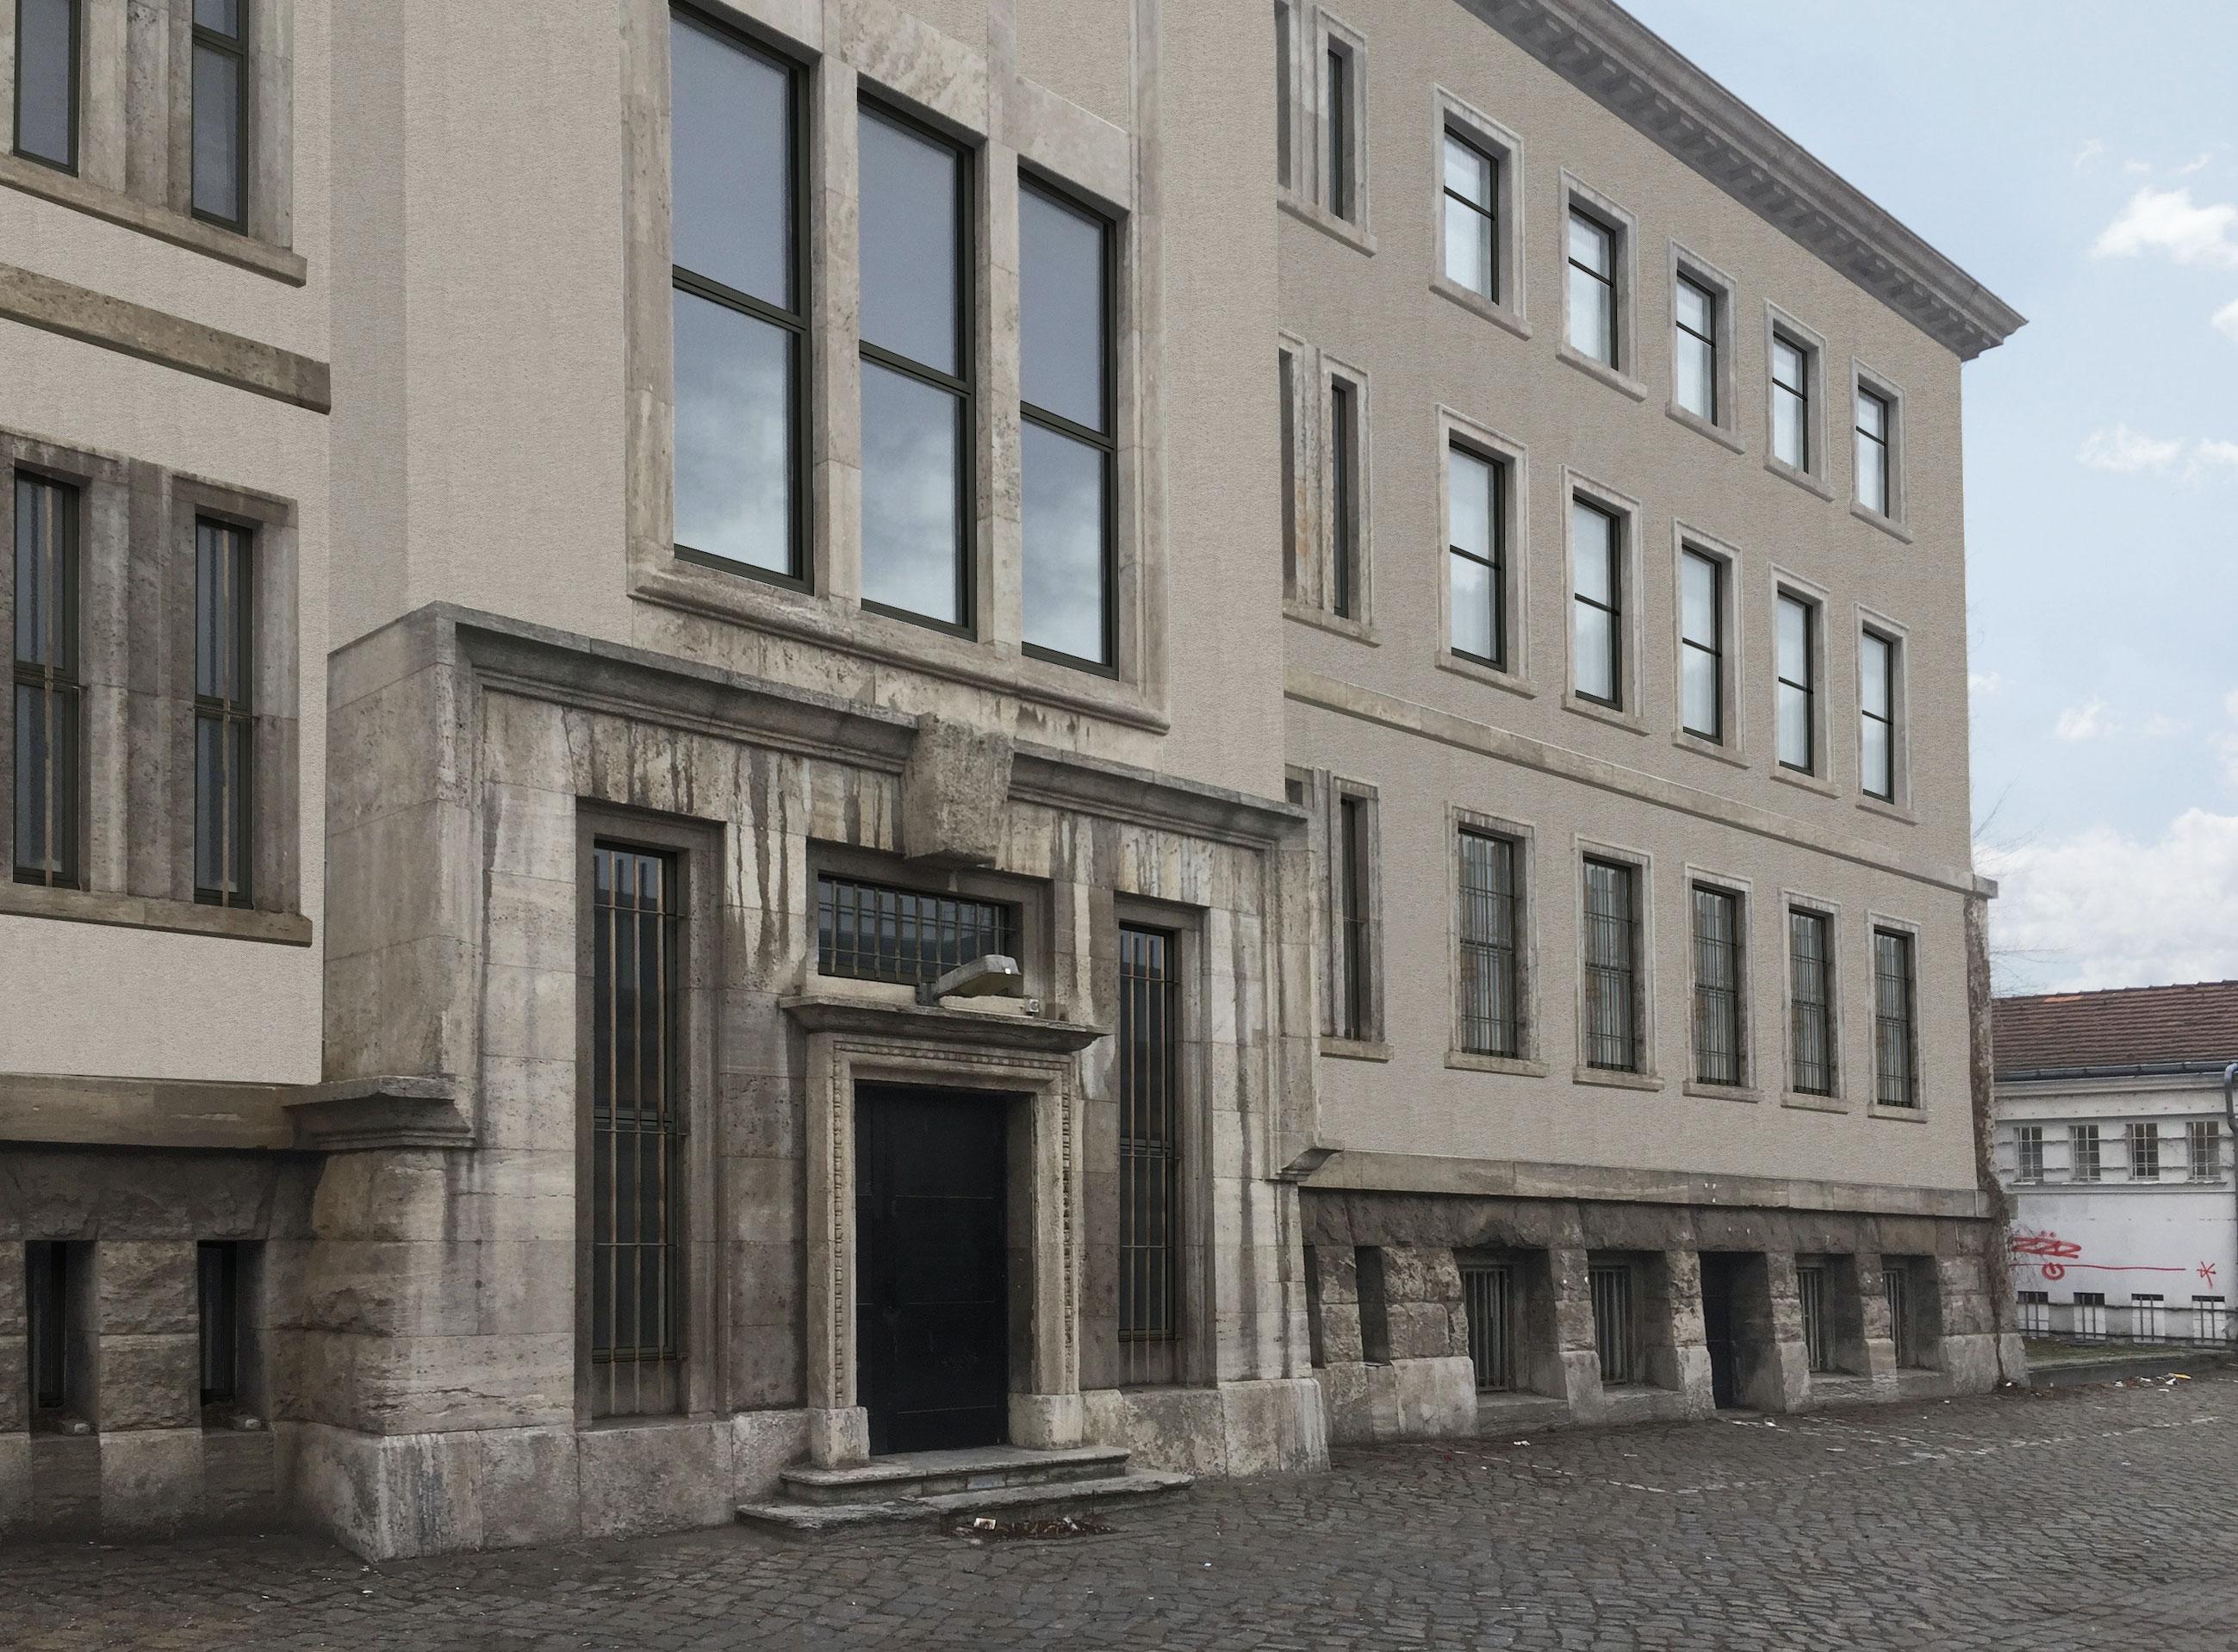 Kunsthaus Rheinstahlgelände